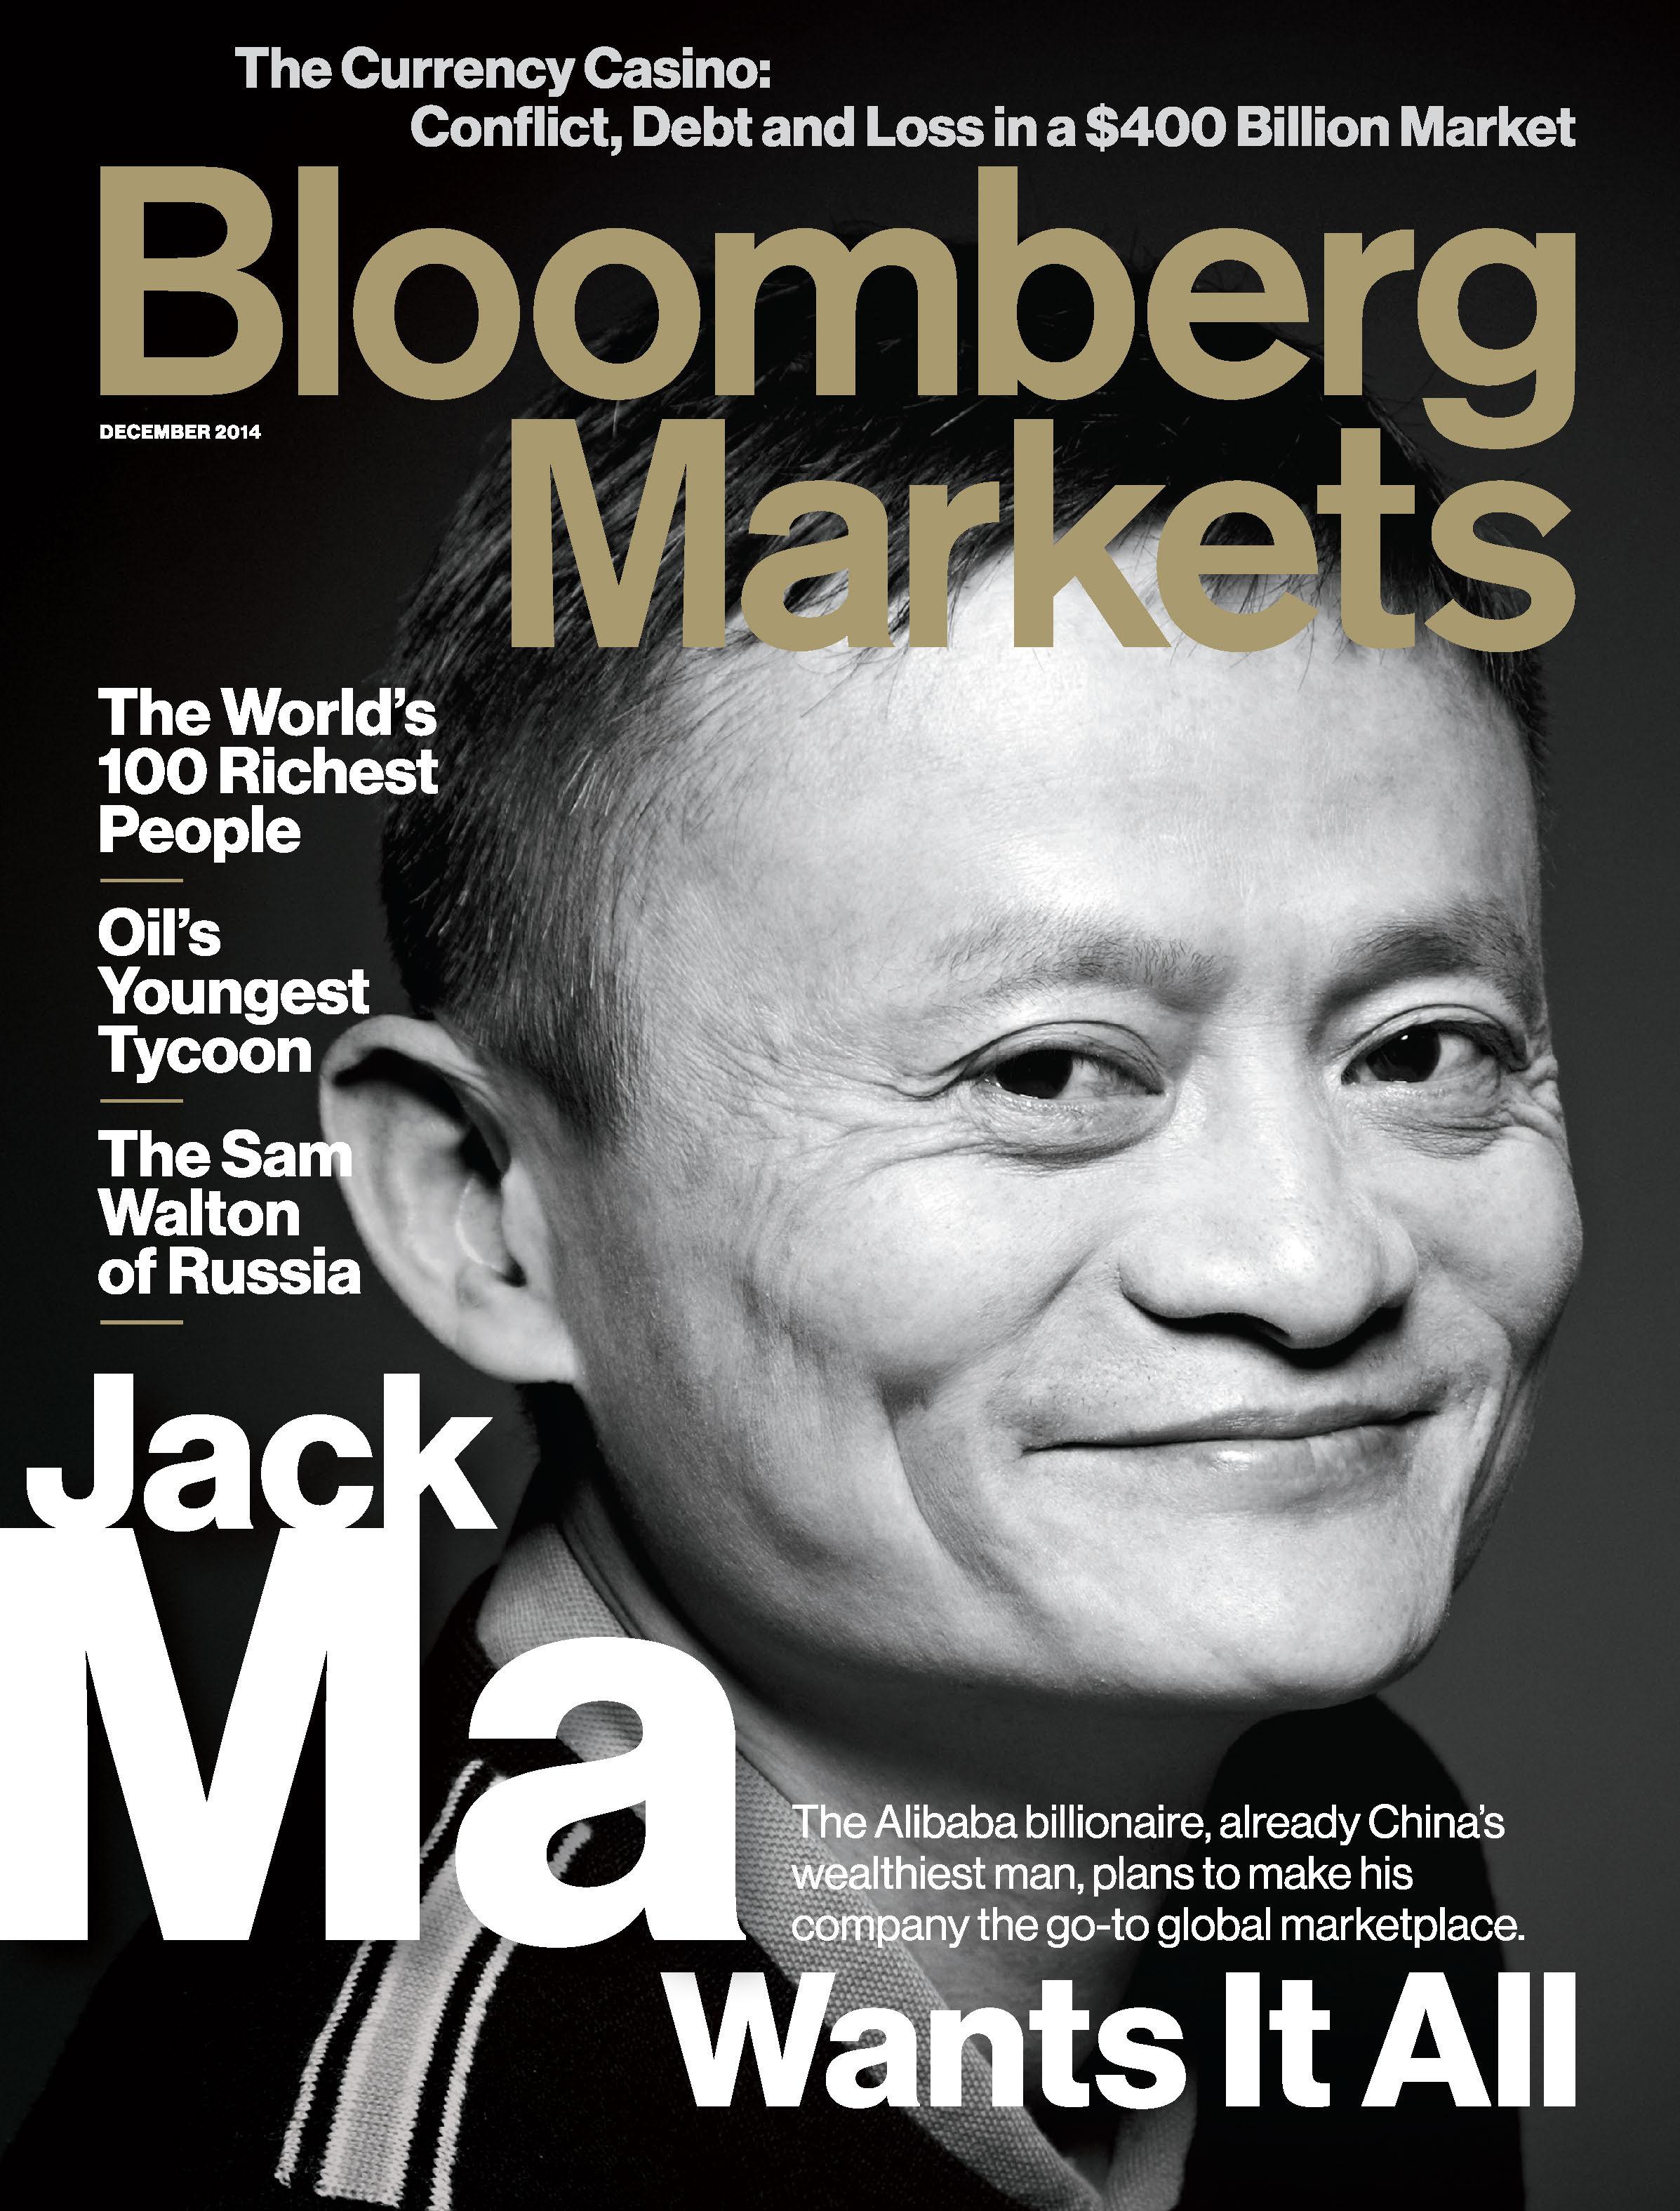 Bloomberg Markets Magazine - December 2014 cover (Billionaires)